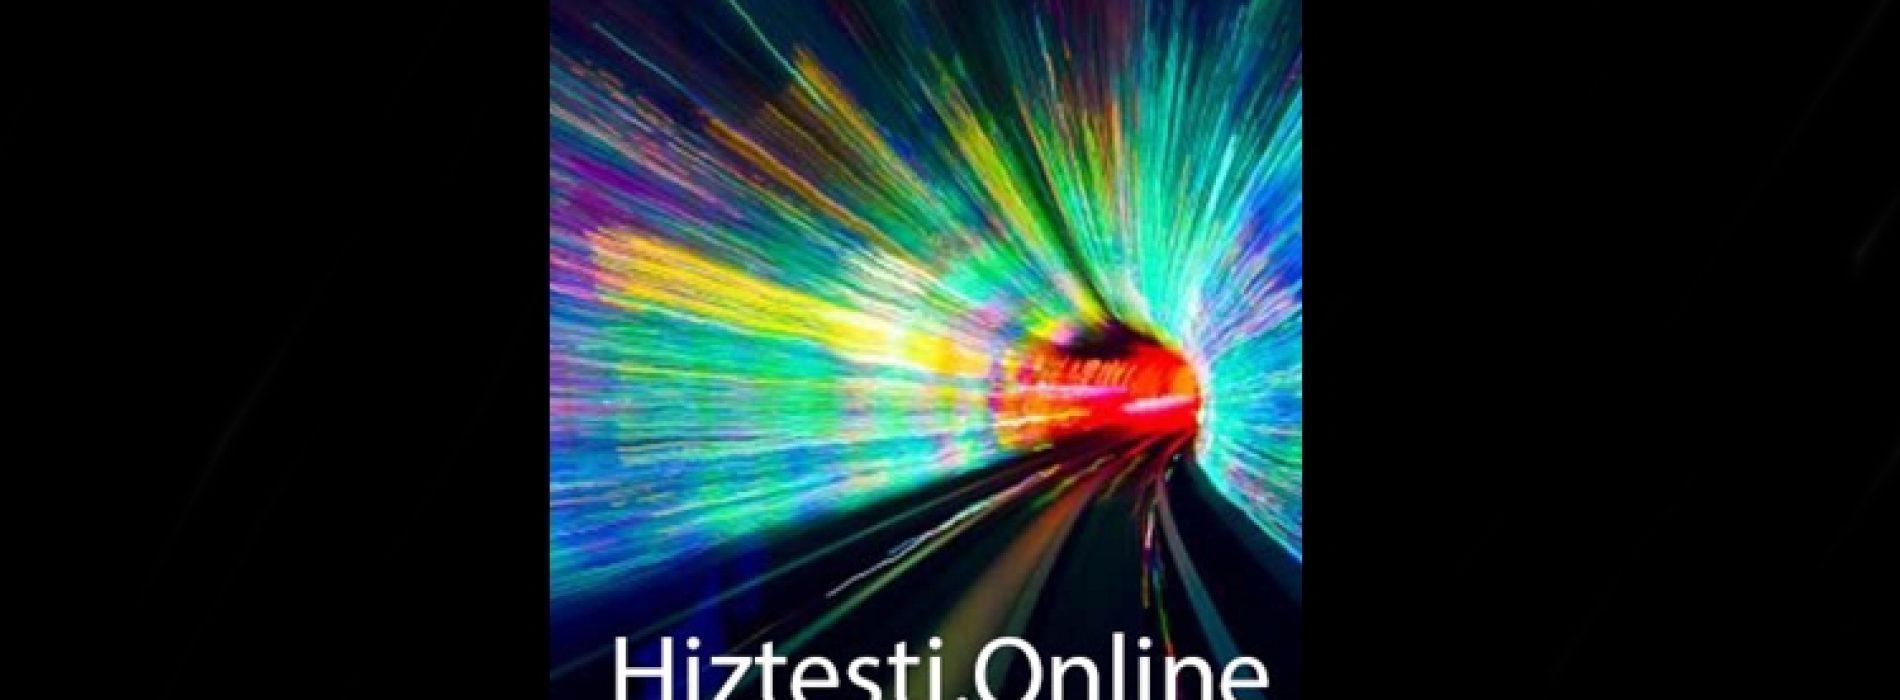 İnternet Ping Testi Yaparak Bağlantı Hızınızı Kontrol Edin